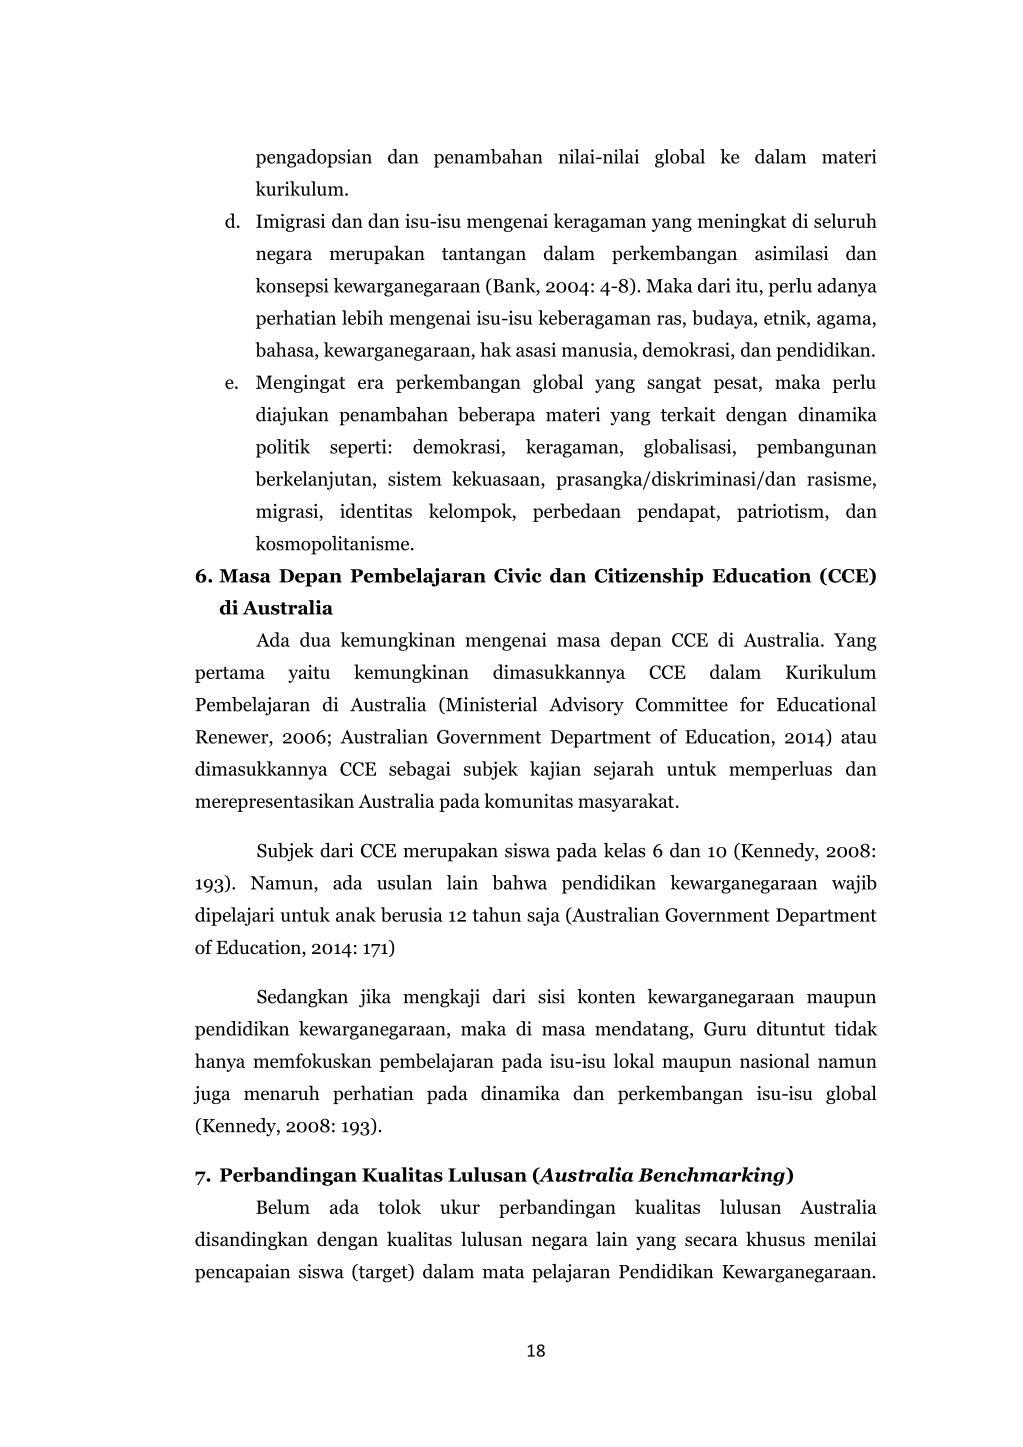 Ppt Sebuah Kajian Mengenai Pendidikan Kewarganegaraan Di Australia Powerpoint Presentation Id 7483945